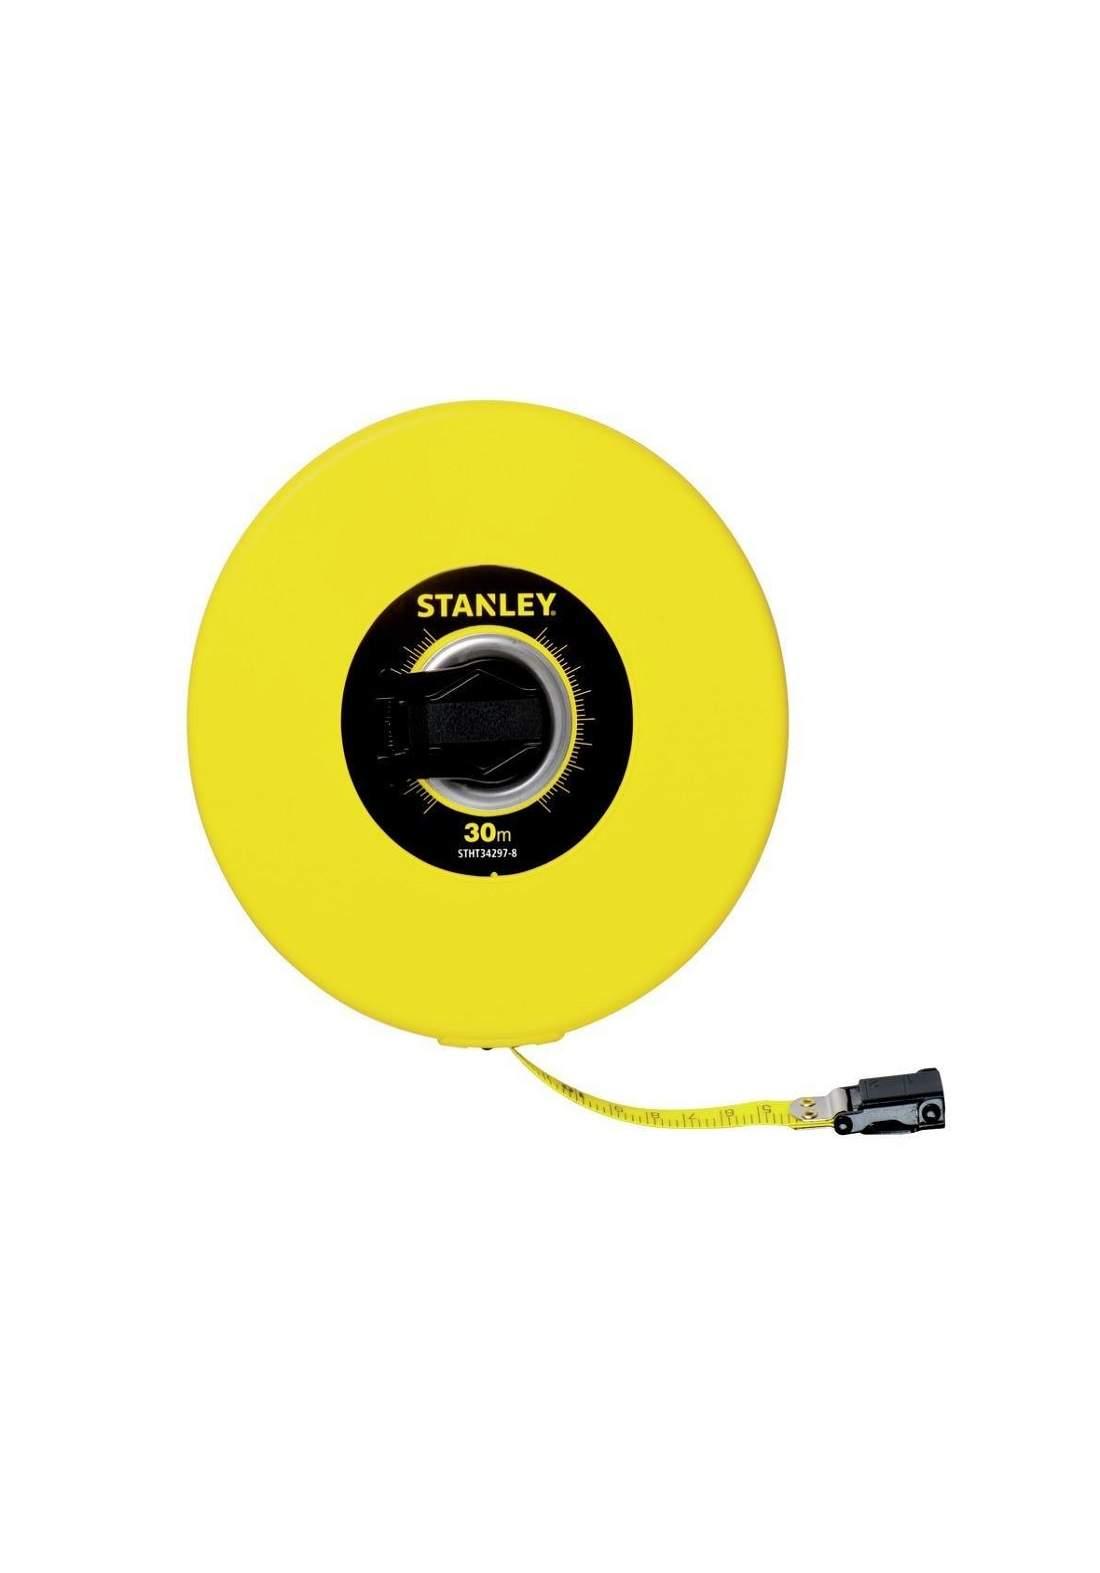 Stanley STHT34297-8  Measuring Tape 30M x 10 mm فيتة  30 م